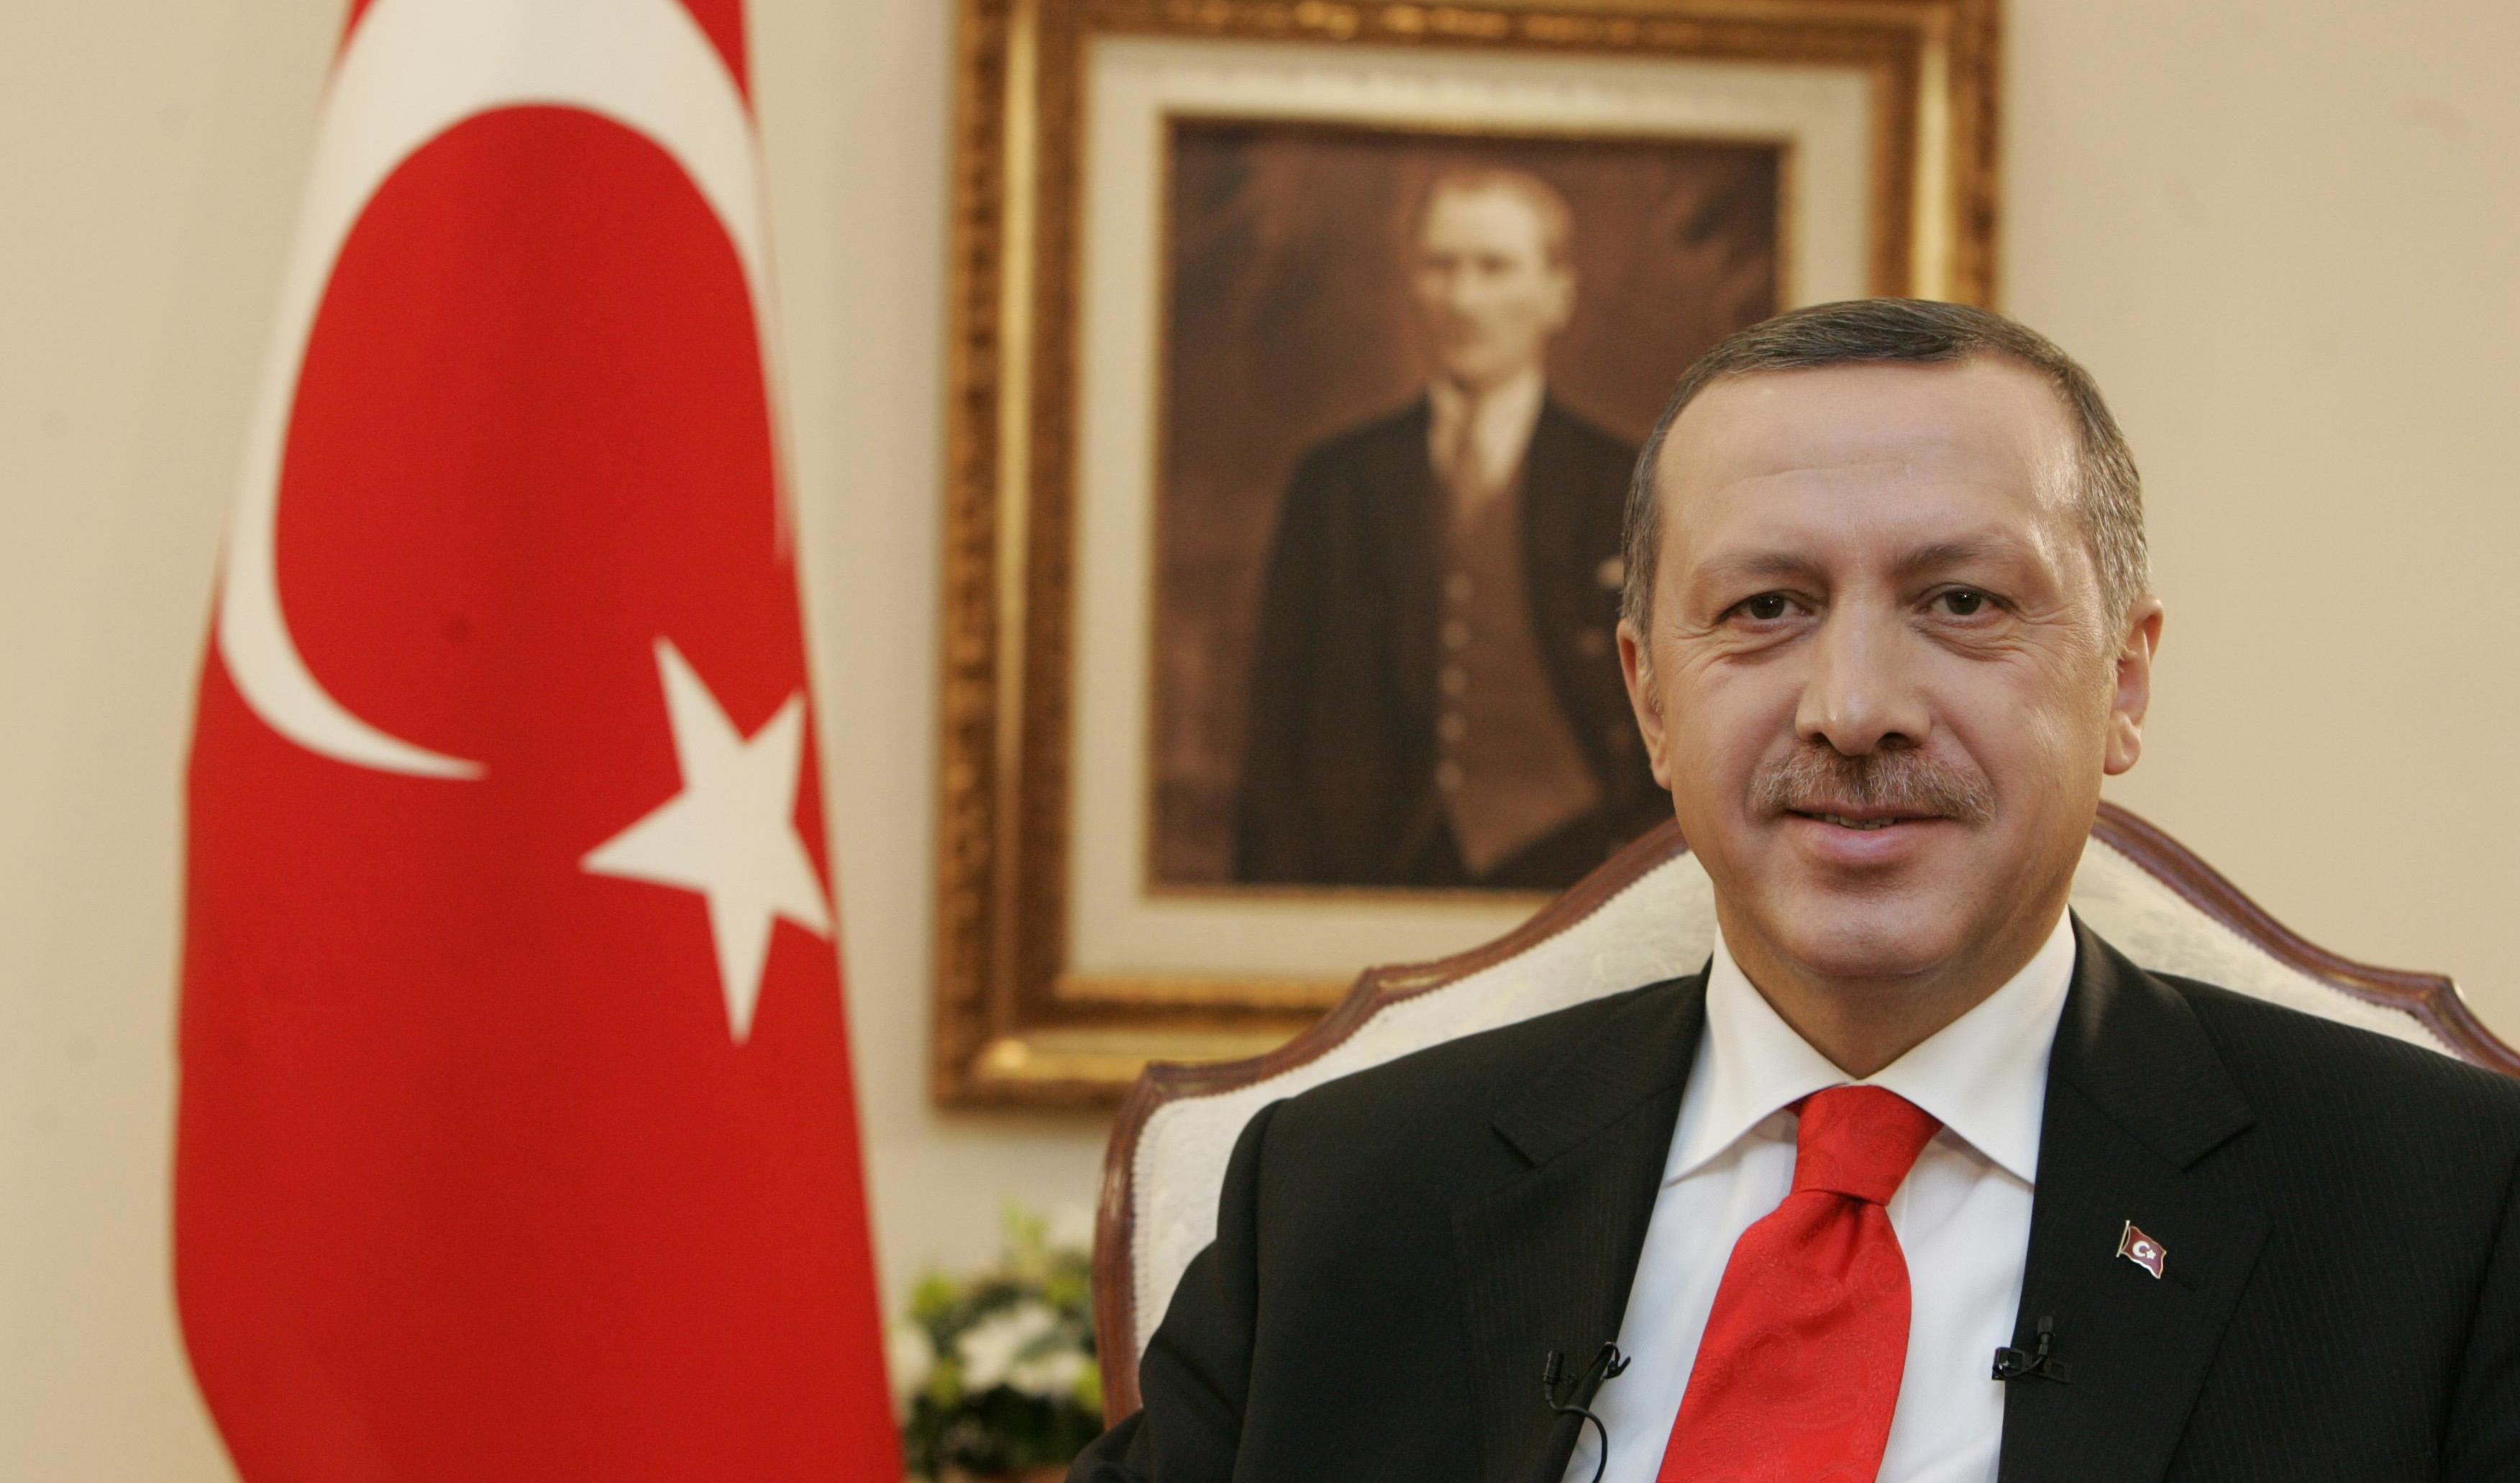 اردوغان بانکهای خارجی را قاچاقچیان ارز خواند!